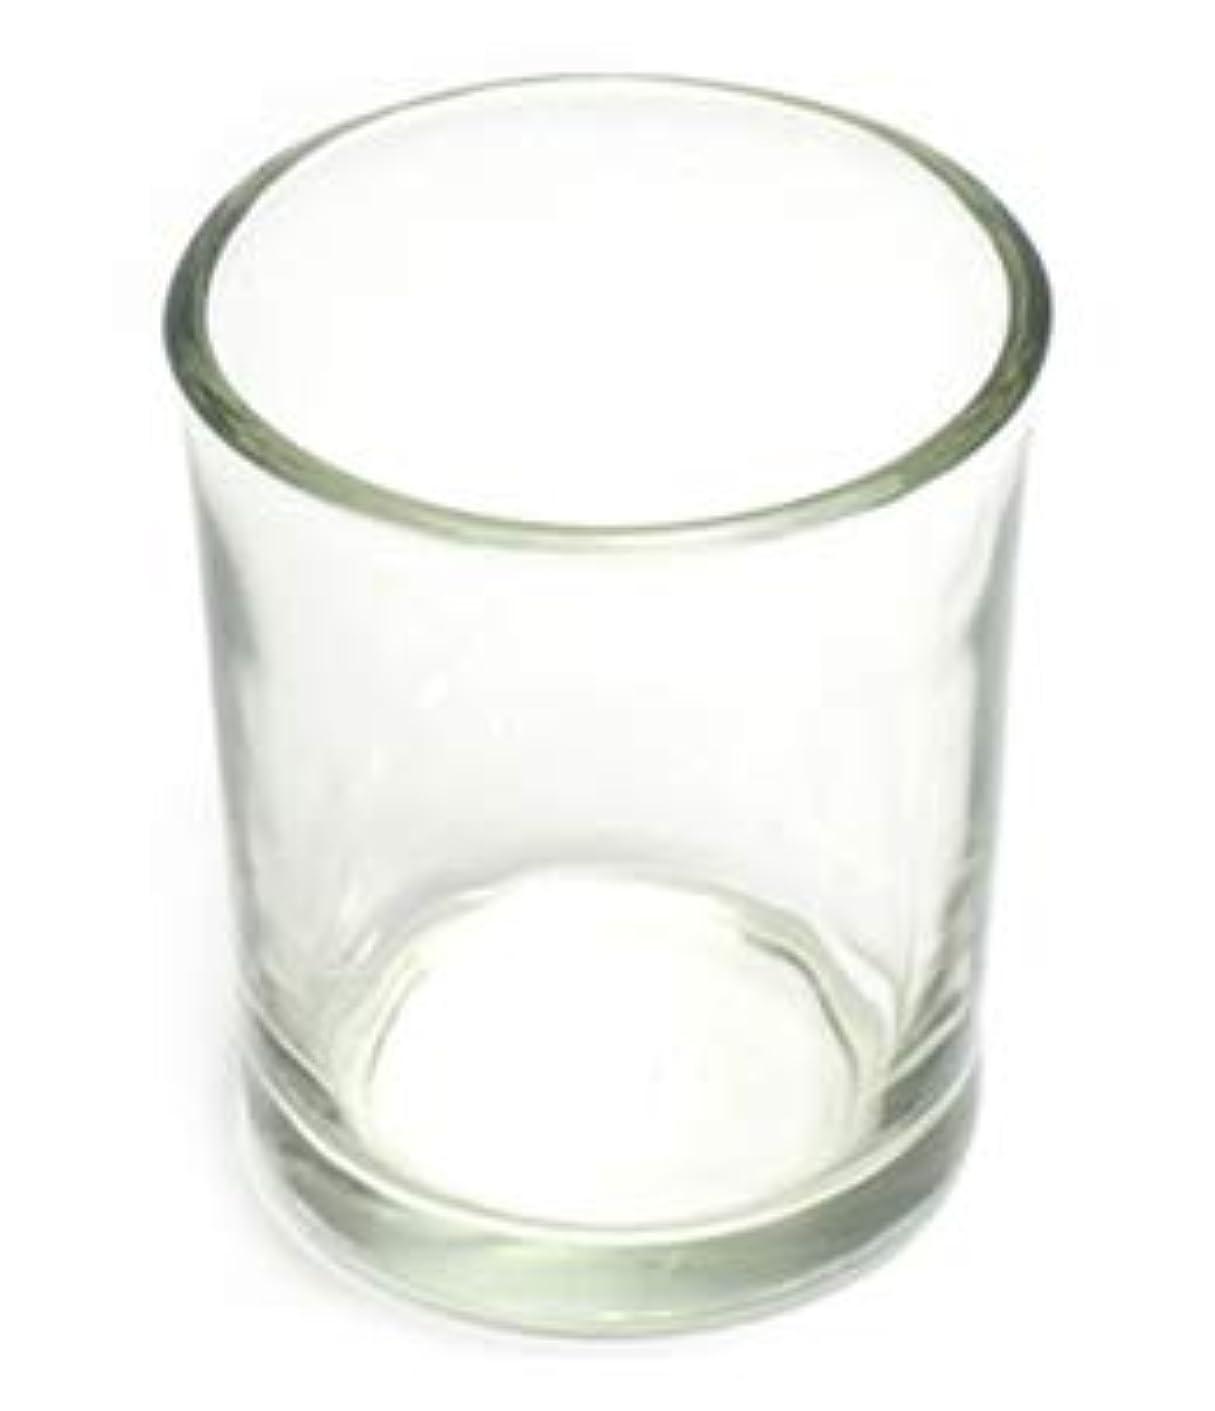 気絶させるパスポート服を洗うキャンドルホルダー ガラス シンプル[小] 1個 キャンドルスタンド 透明 クリア おしゃれ ろうそく立て